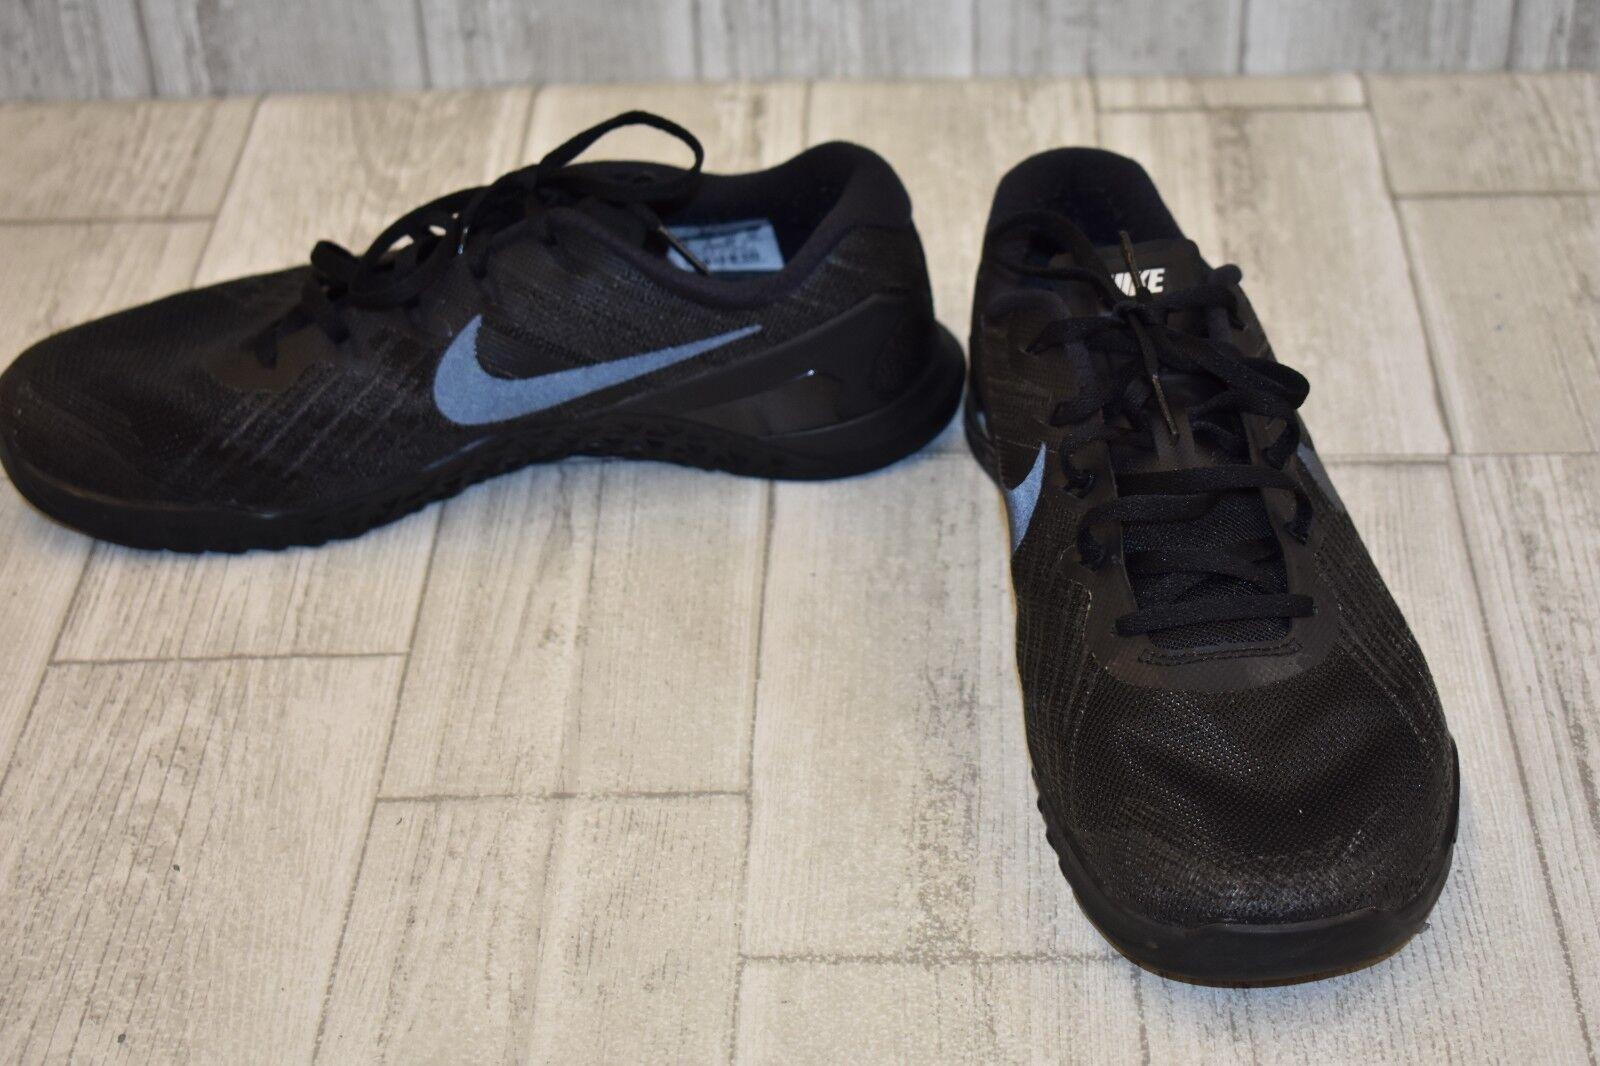 Nike metcon 3 trainingsschuhe - männer - größe 10 - schwarz